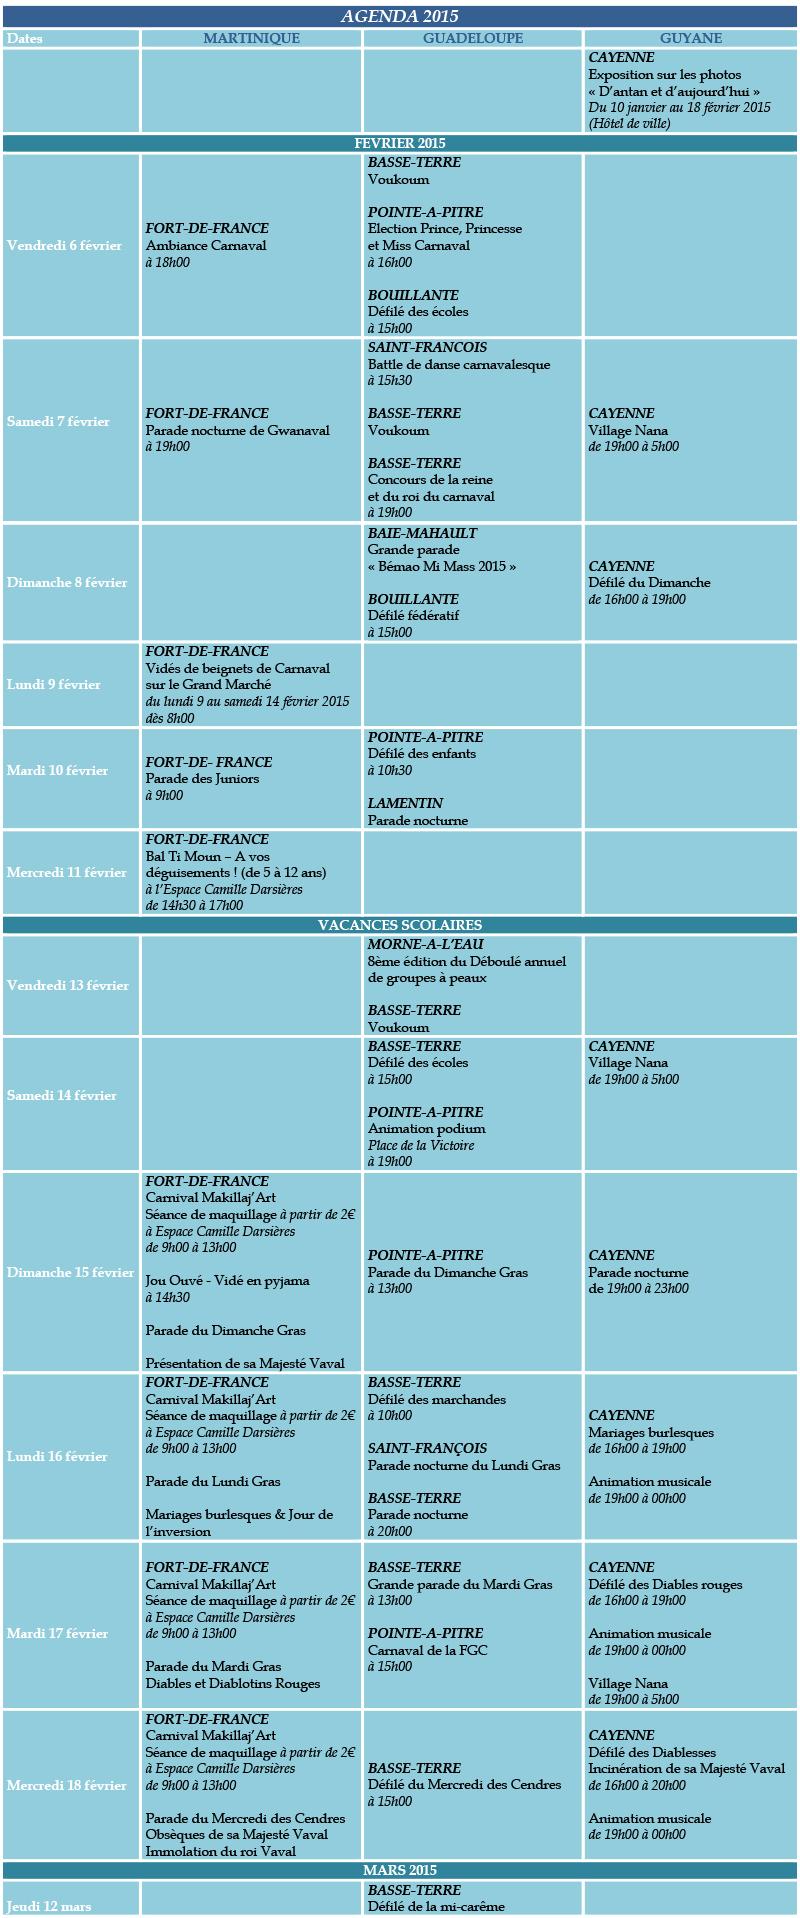 Agenda-Carnavals-2015